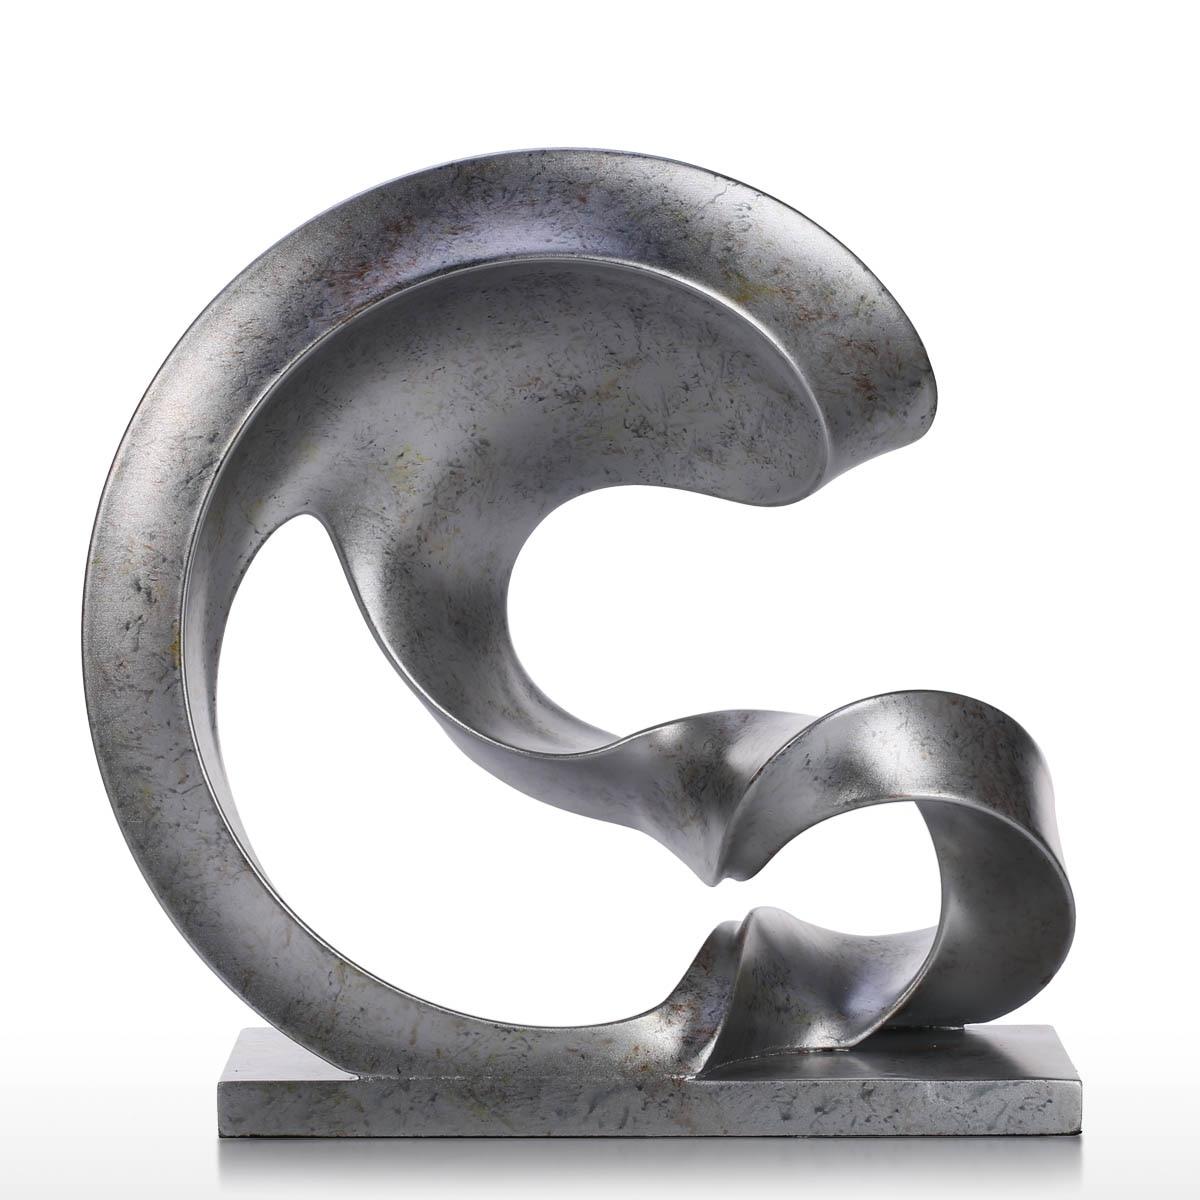 Tooarts Tomfeel Sculpture Spoondrift Figurines artisanat moderne résine ornement pour bureau décoration de la maison accessoires cadeau délicat